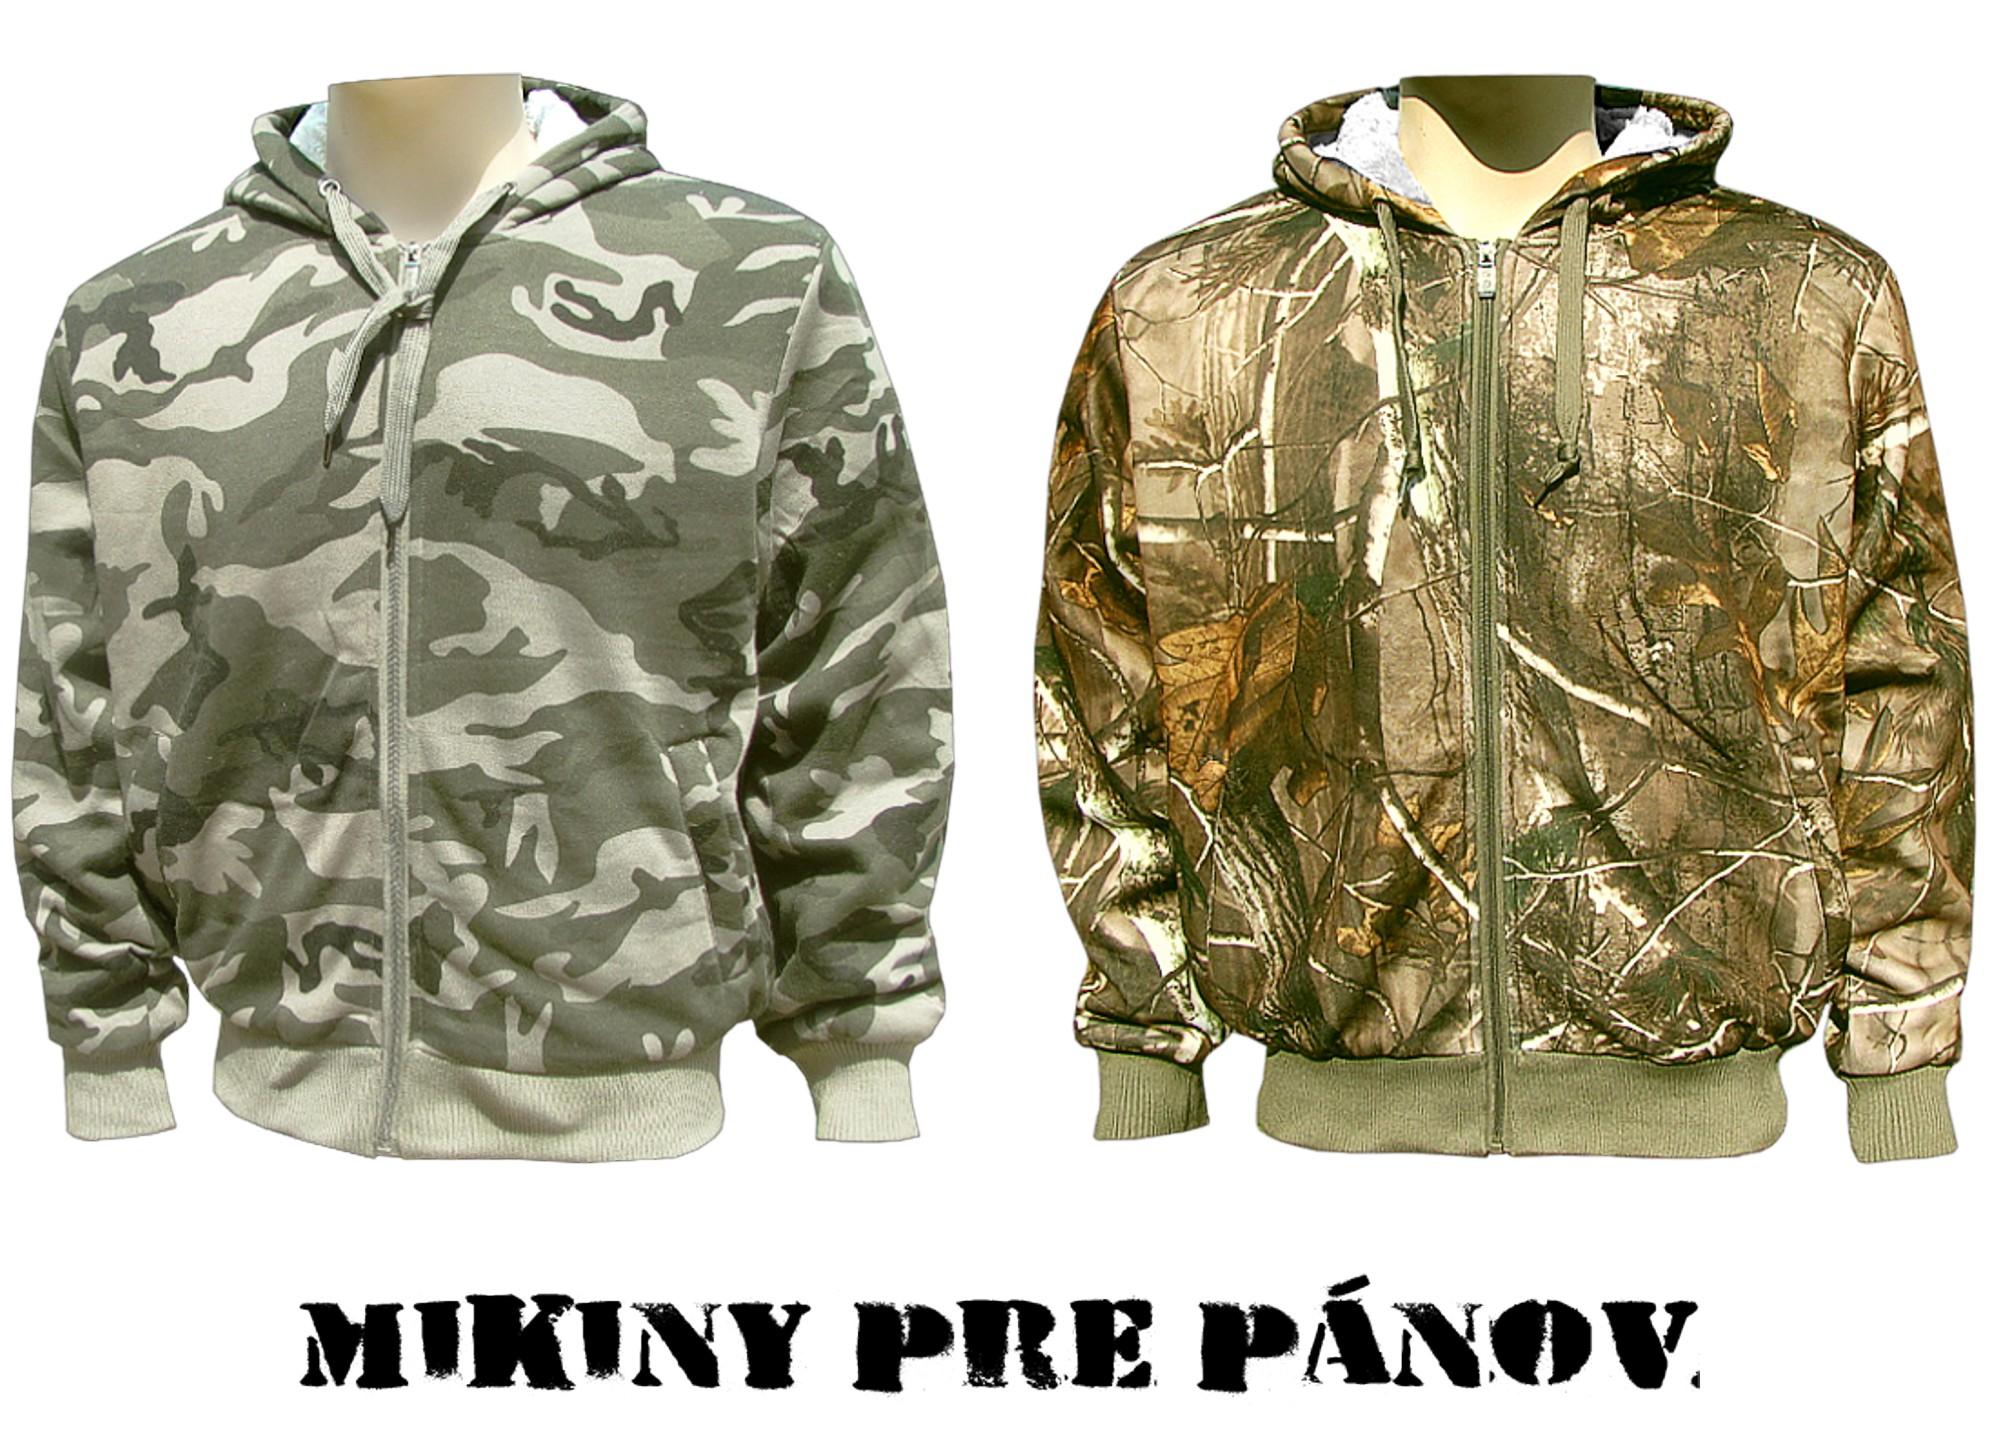 Lacné pánske mikiny - armyshop a veľkoobchod Pánske mikiny za super cena - veľkoobchod  online 5d8e8ded65e